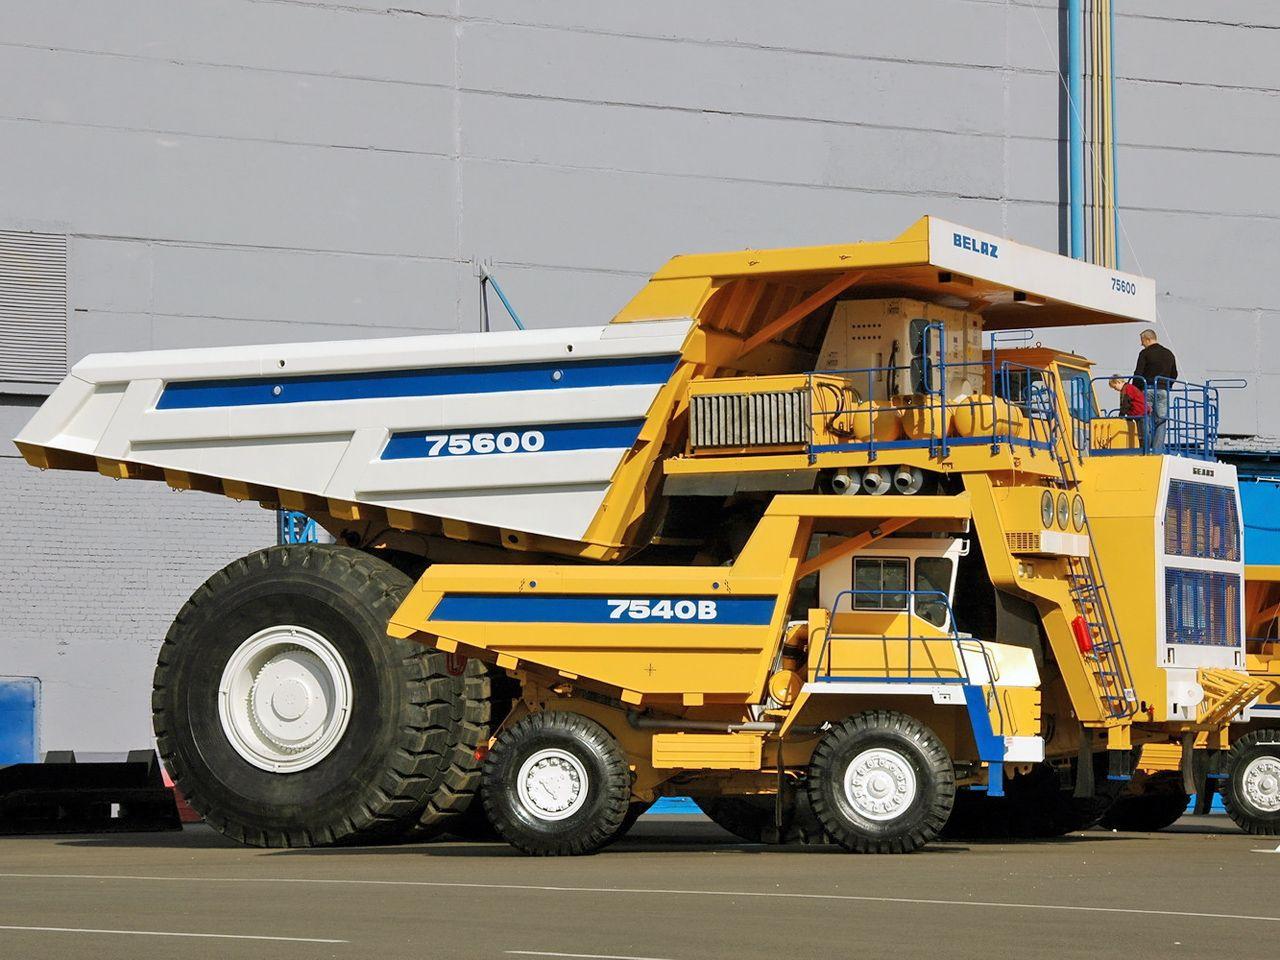 BelAZ-75600